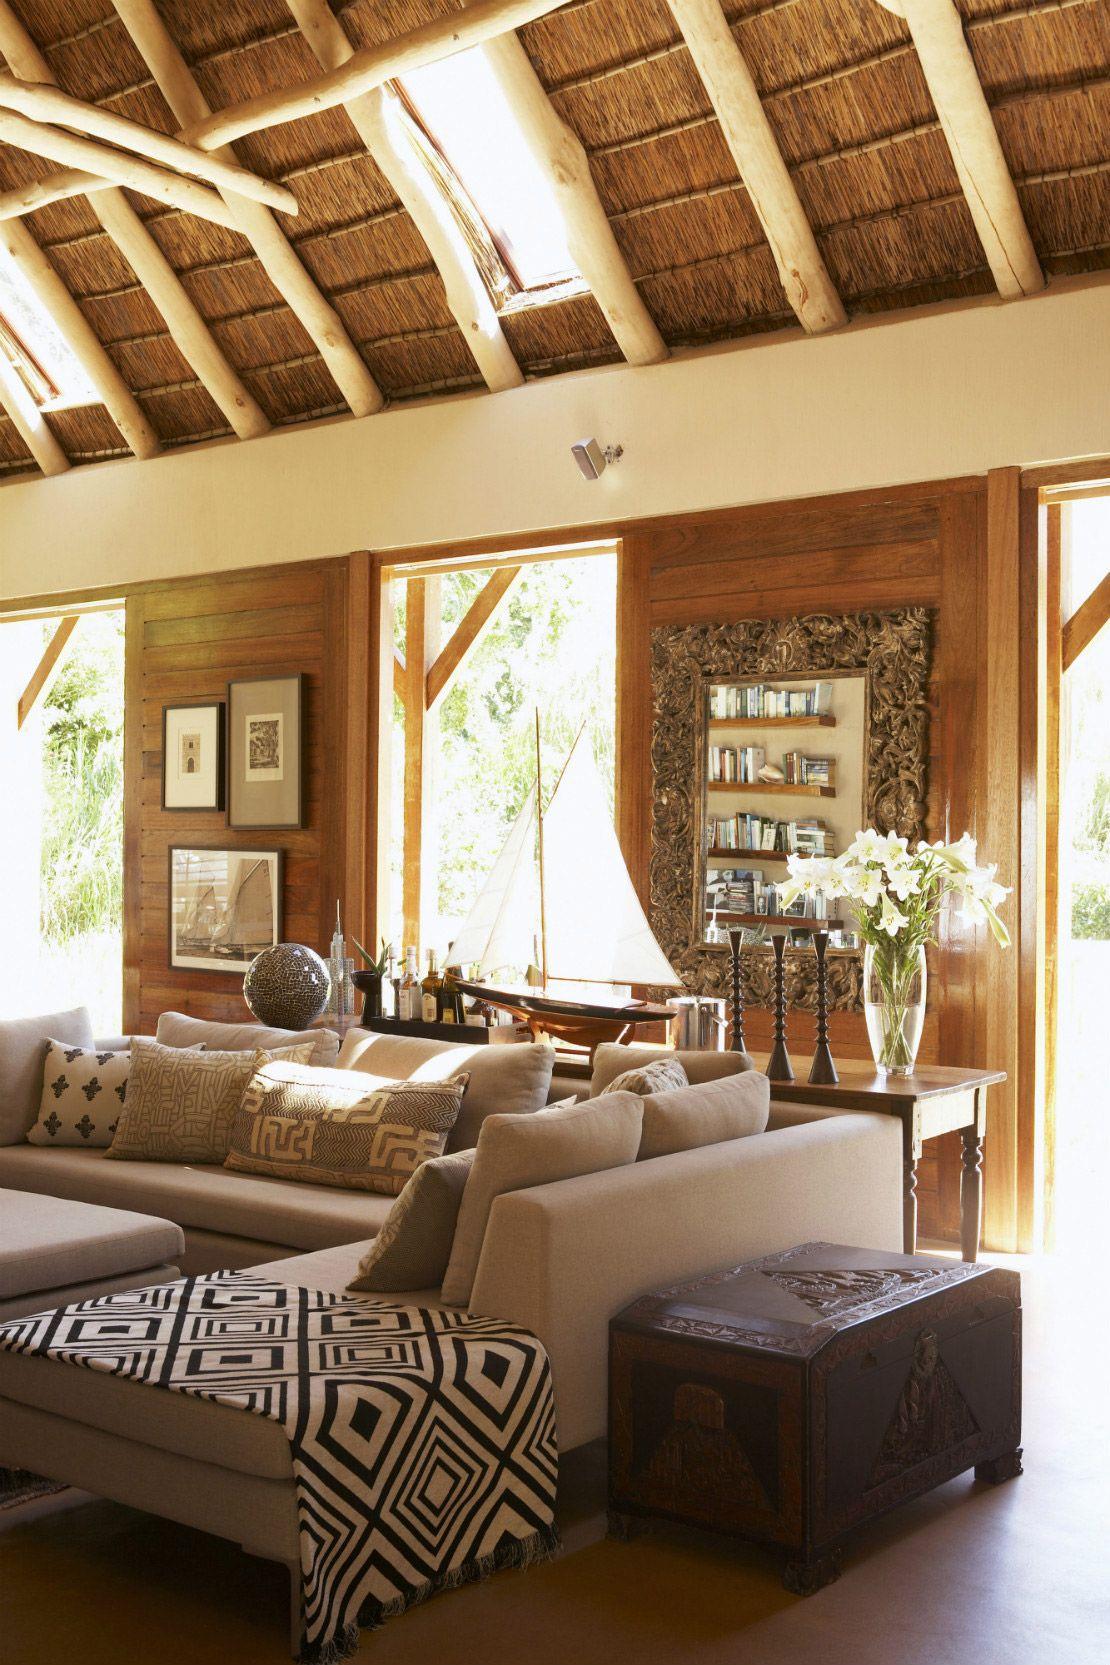 Una casa in stile safari soggiorno arredamento en 2019 for Arredamento casa stile africano